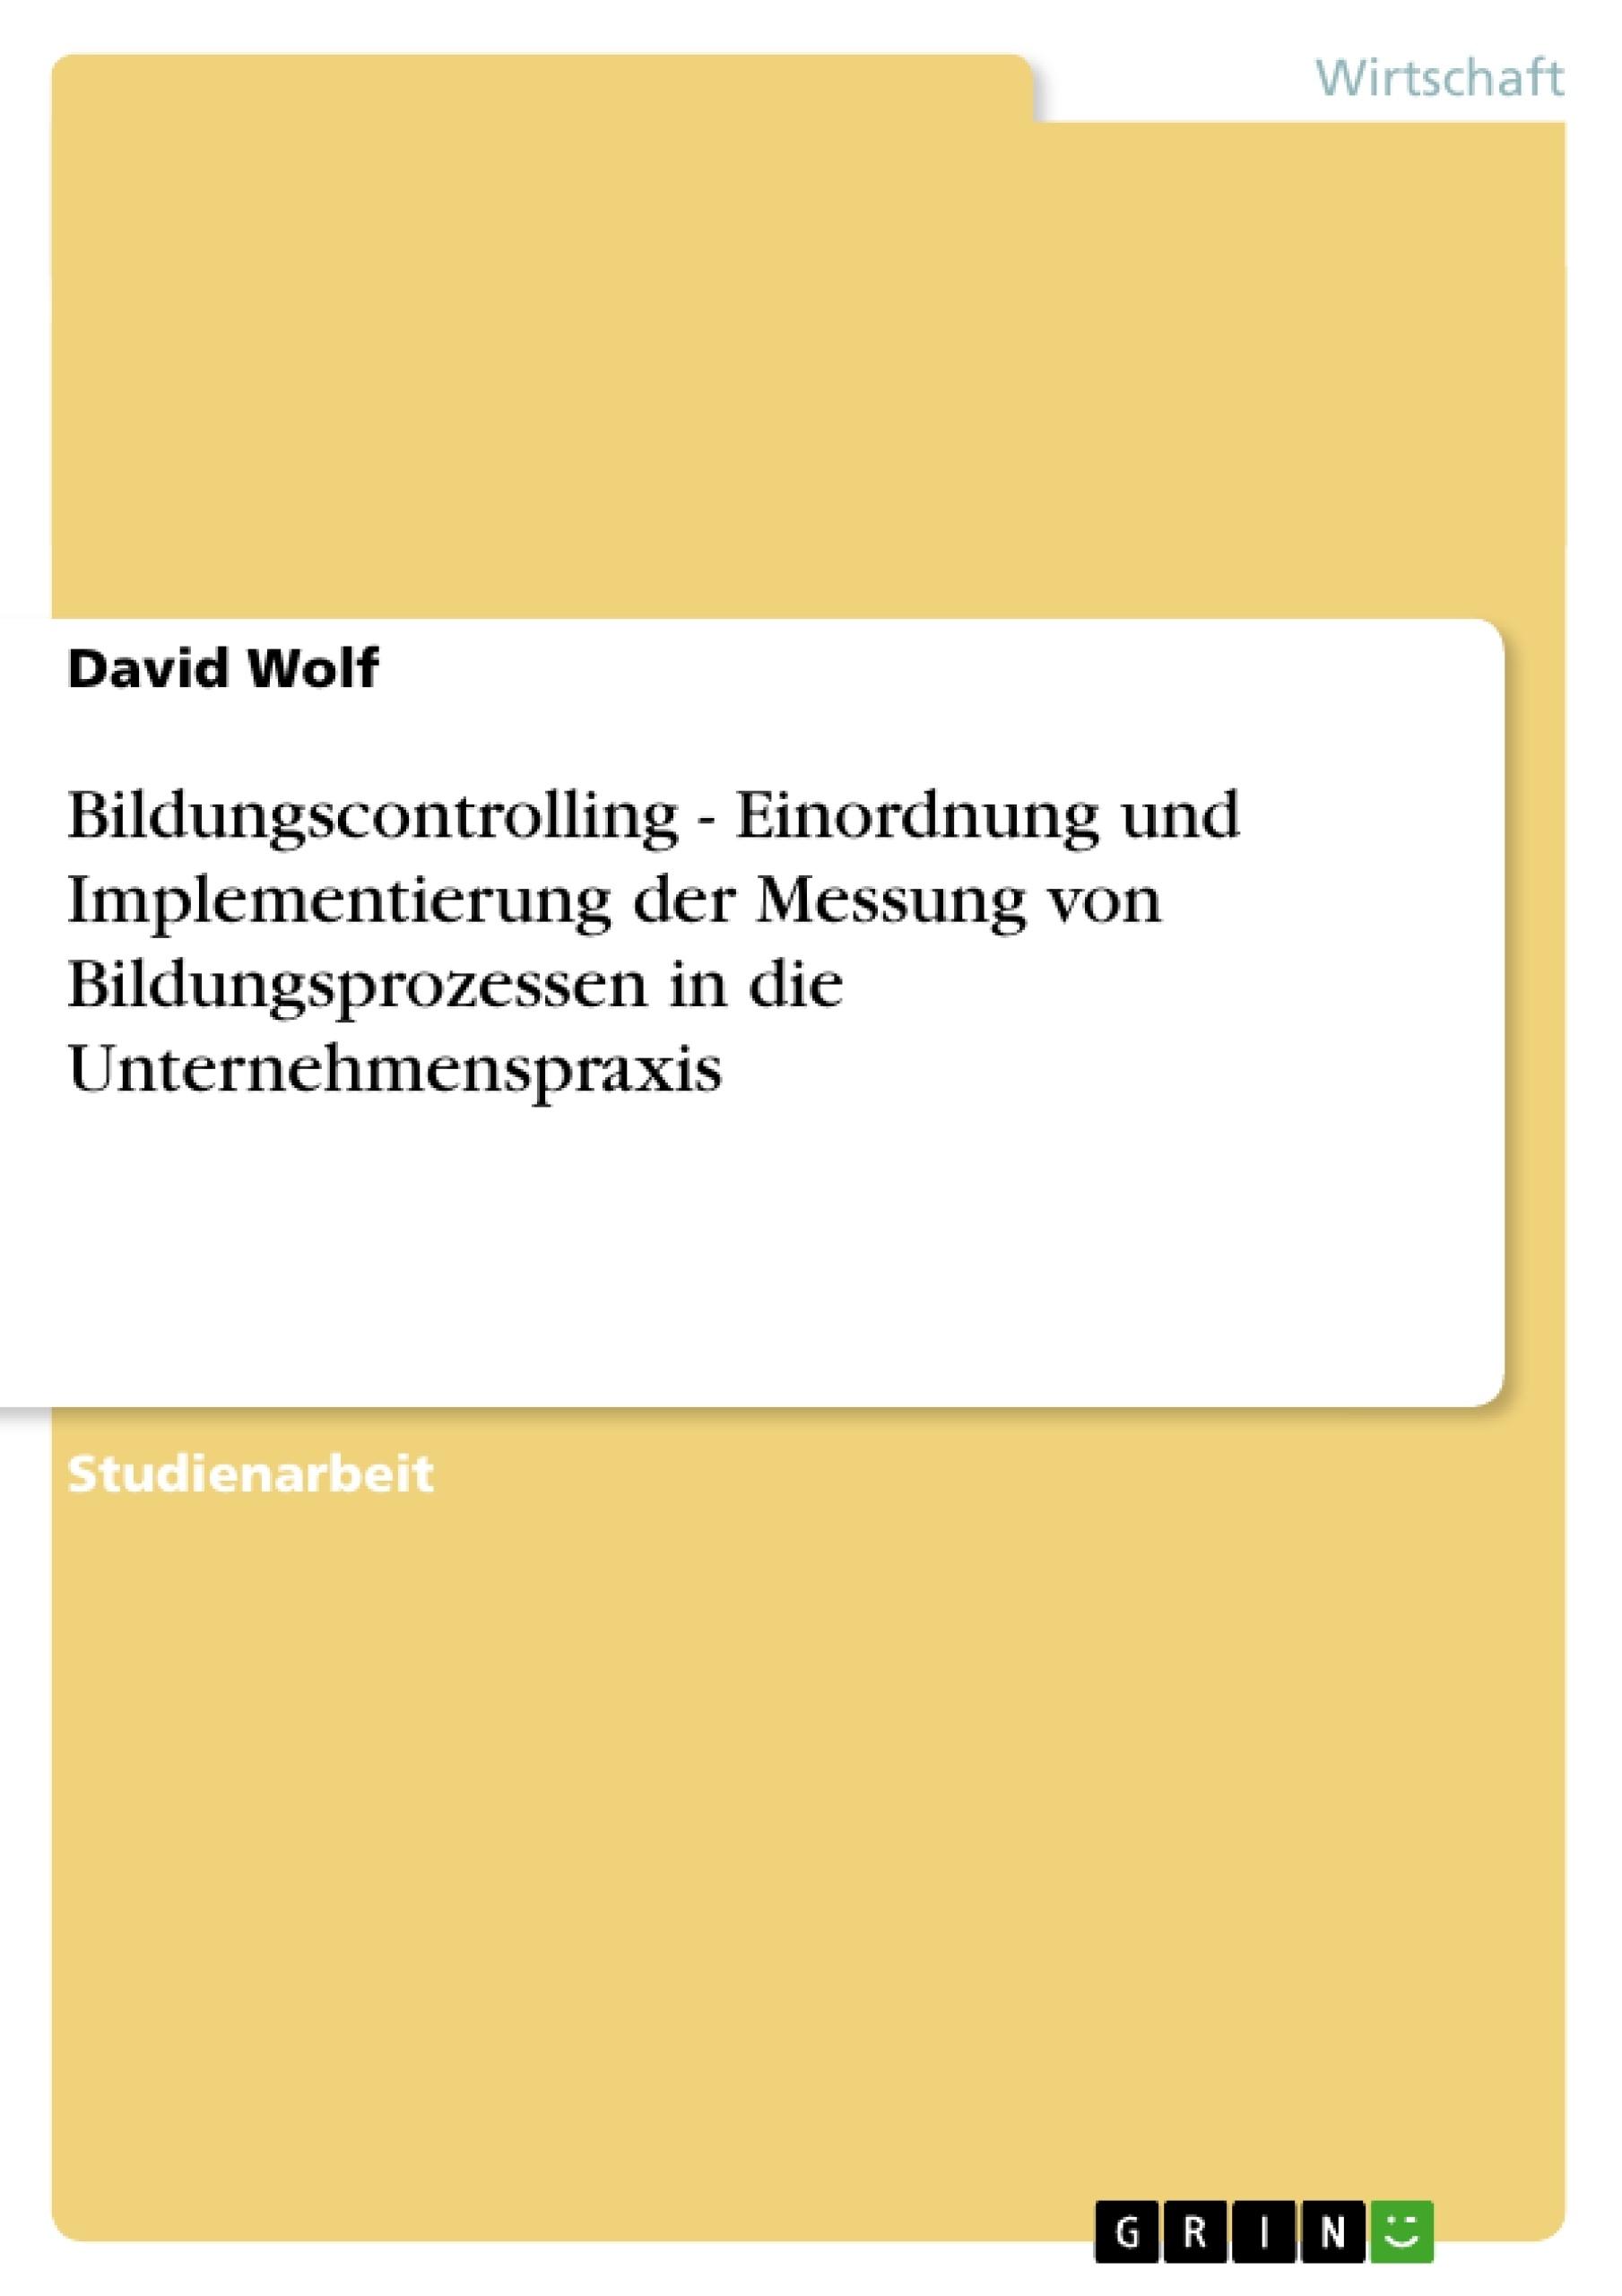 Titel: Bildungscontrolling - Einordnung und Implementierung der Messung von Bildungsprozessen in die Unternehmenspraxis